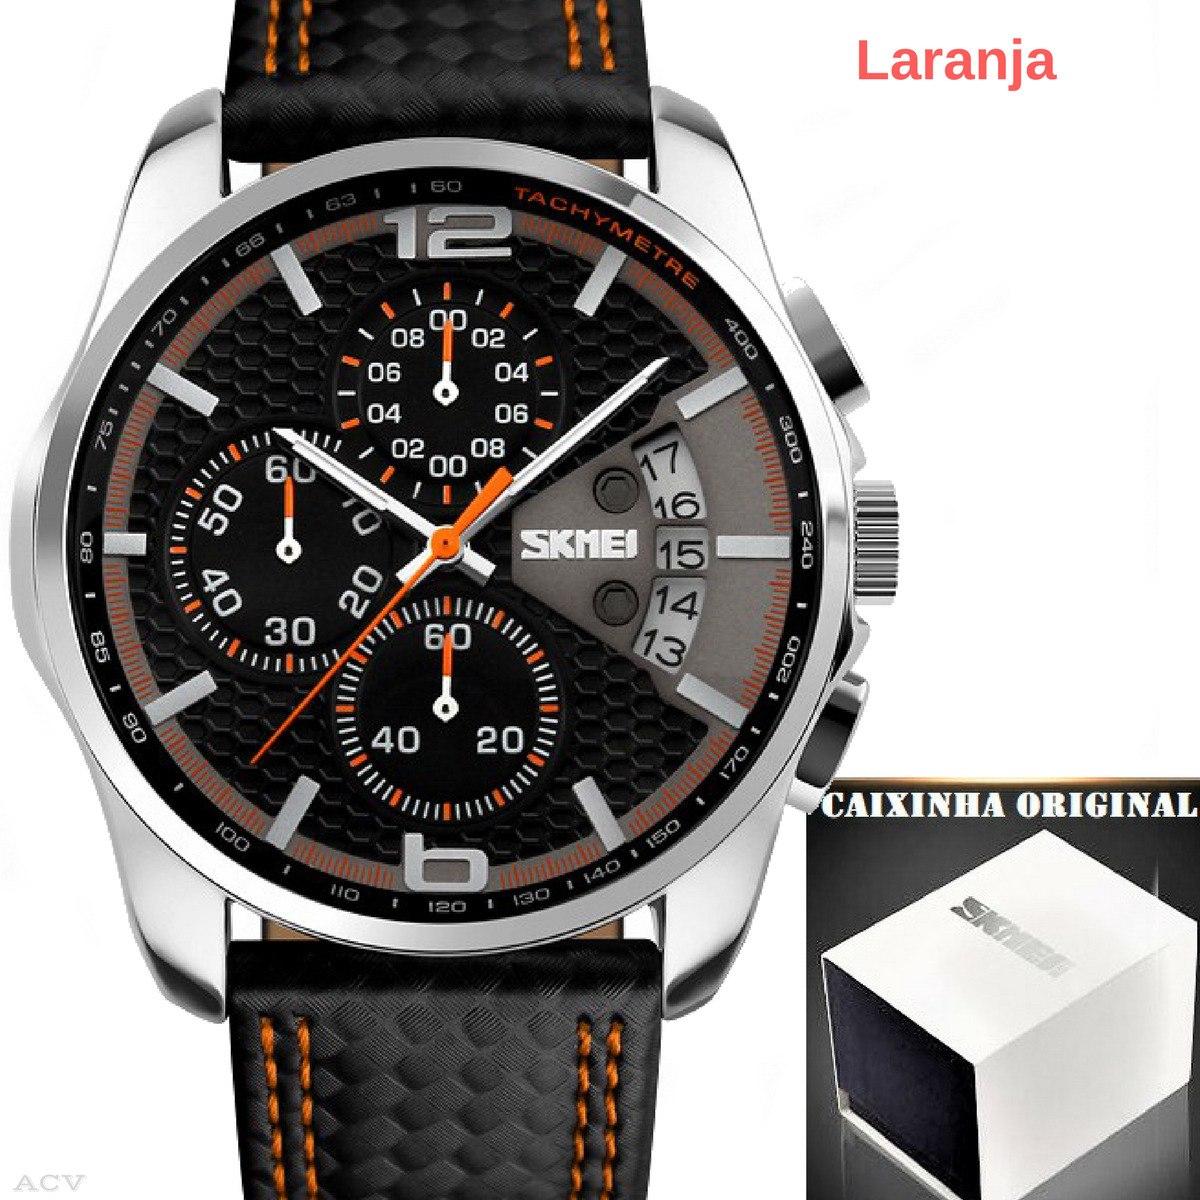 ac87730c599 Relógio - Masculino - Skmei 9106 - Super - Promoção - R  124